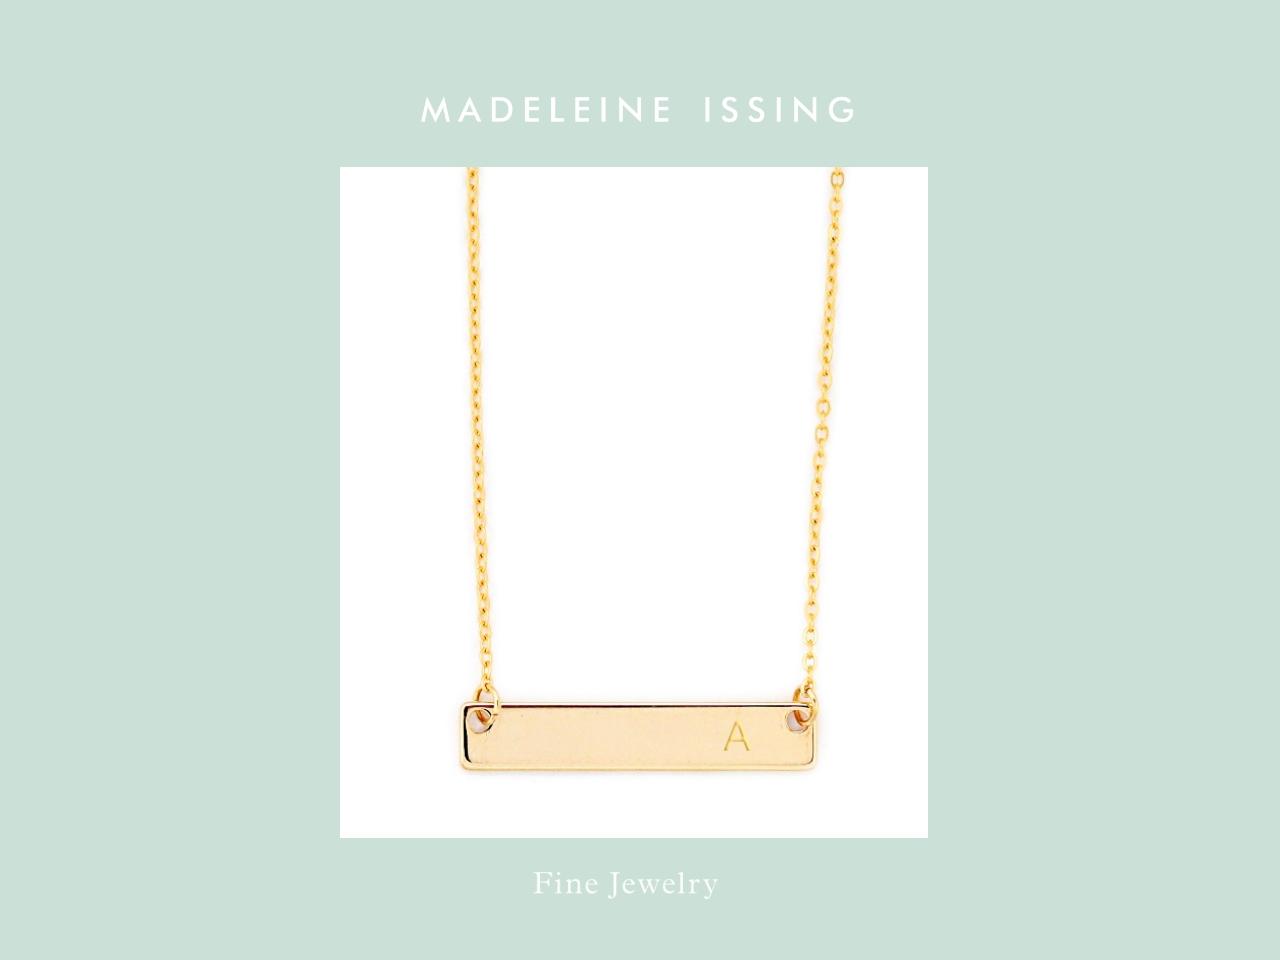 Halskette mit Bcuhstaben Gold Madeleine Issing